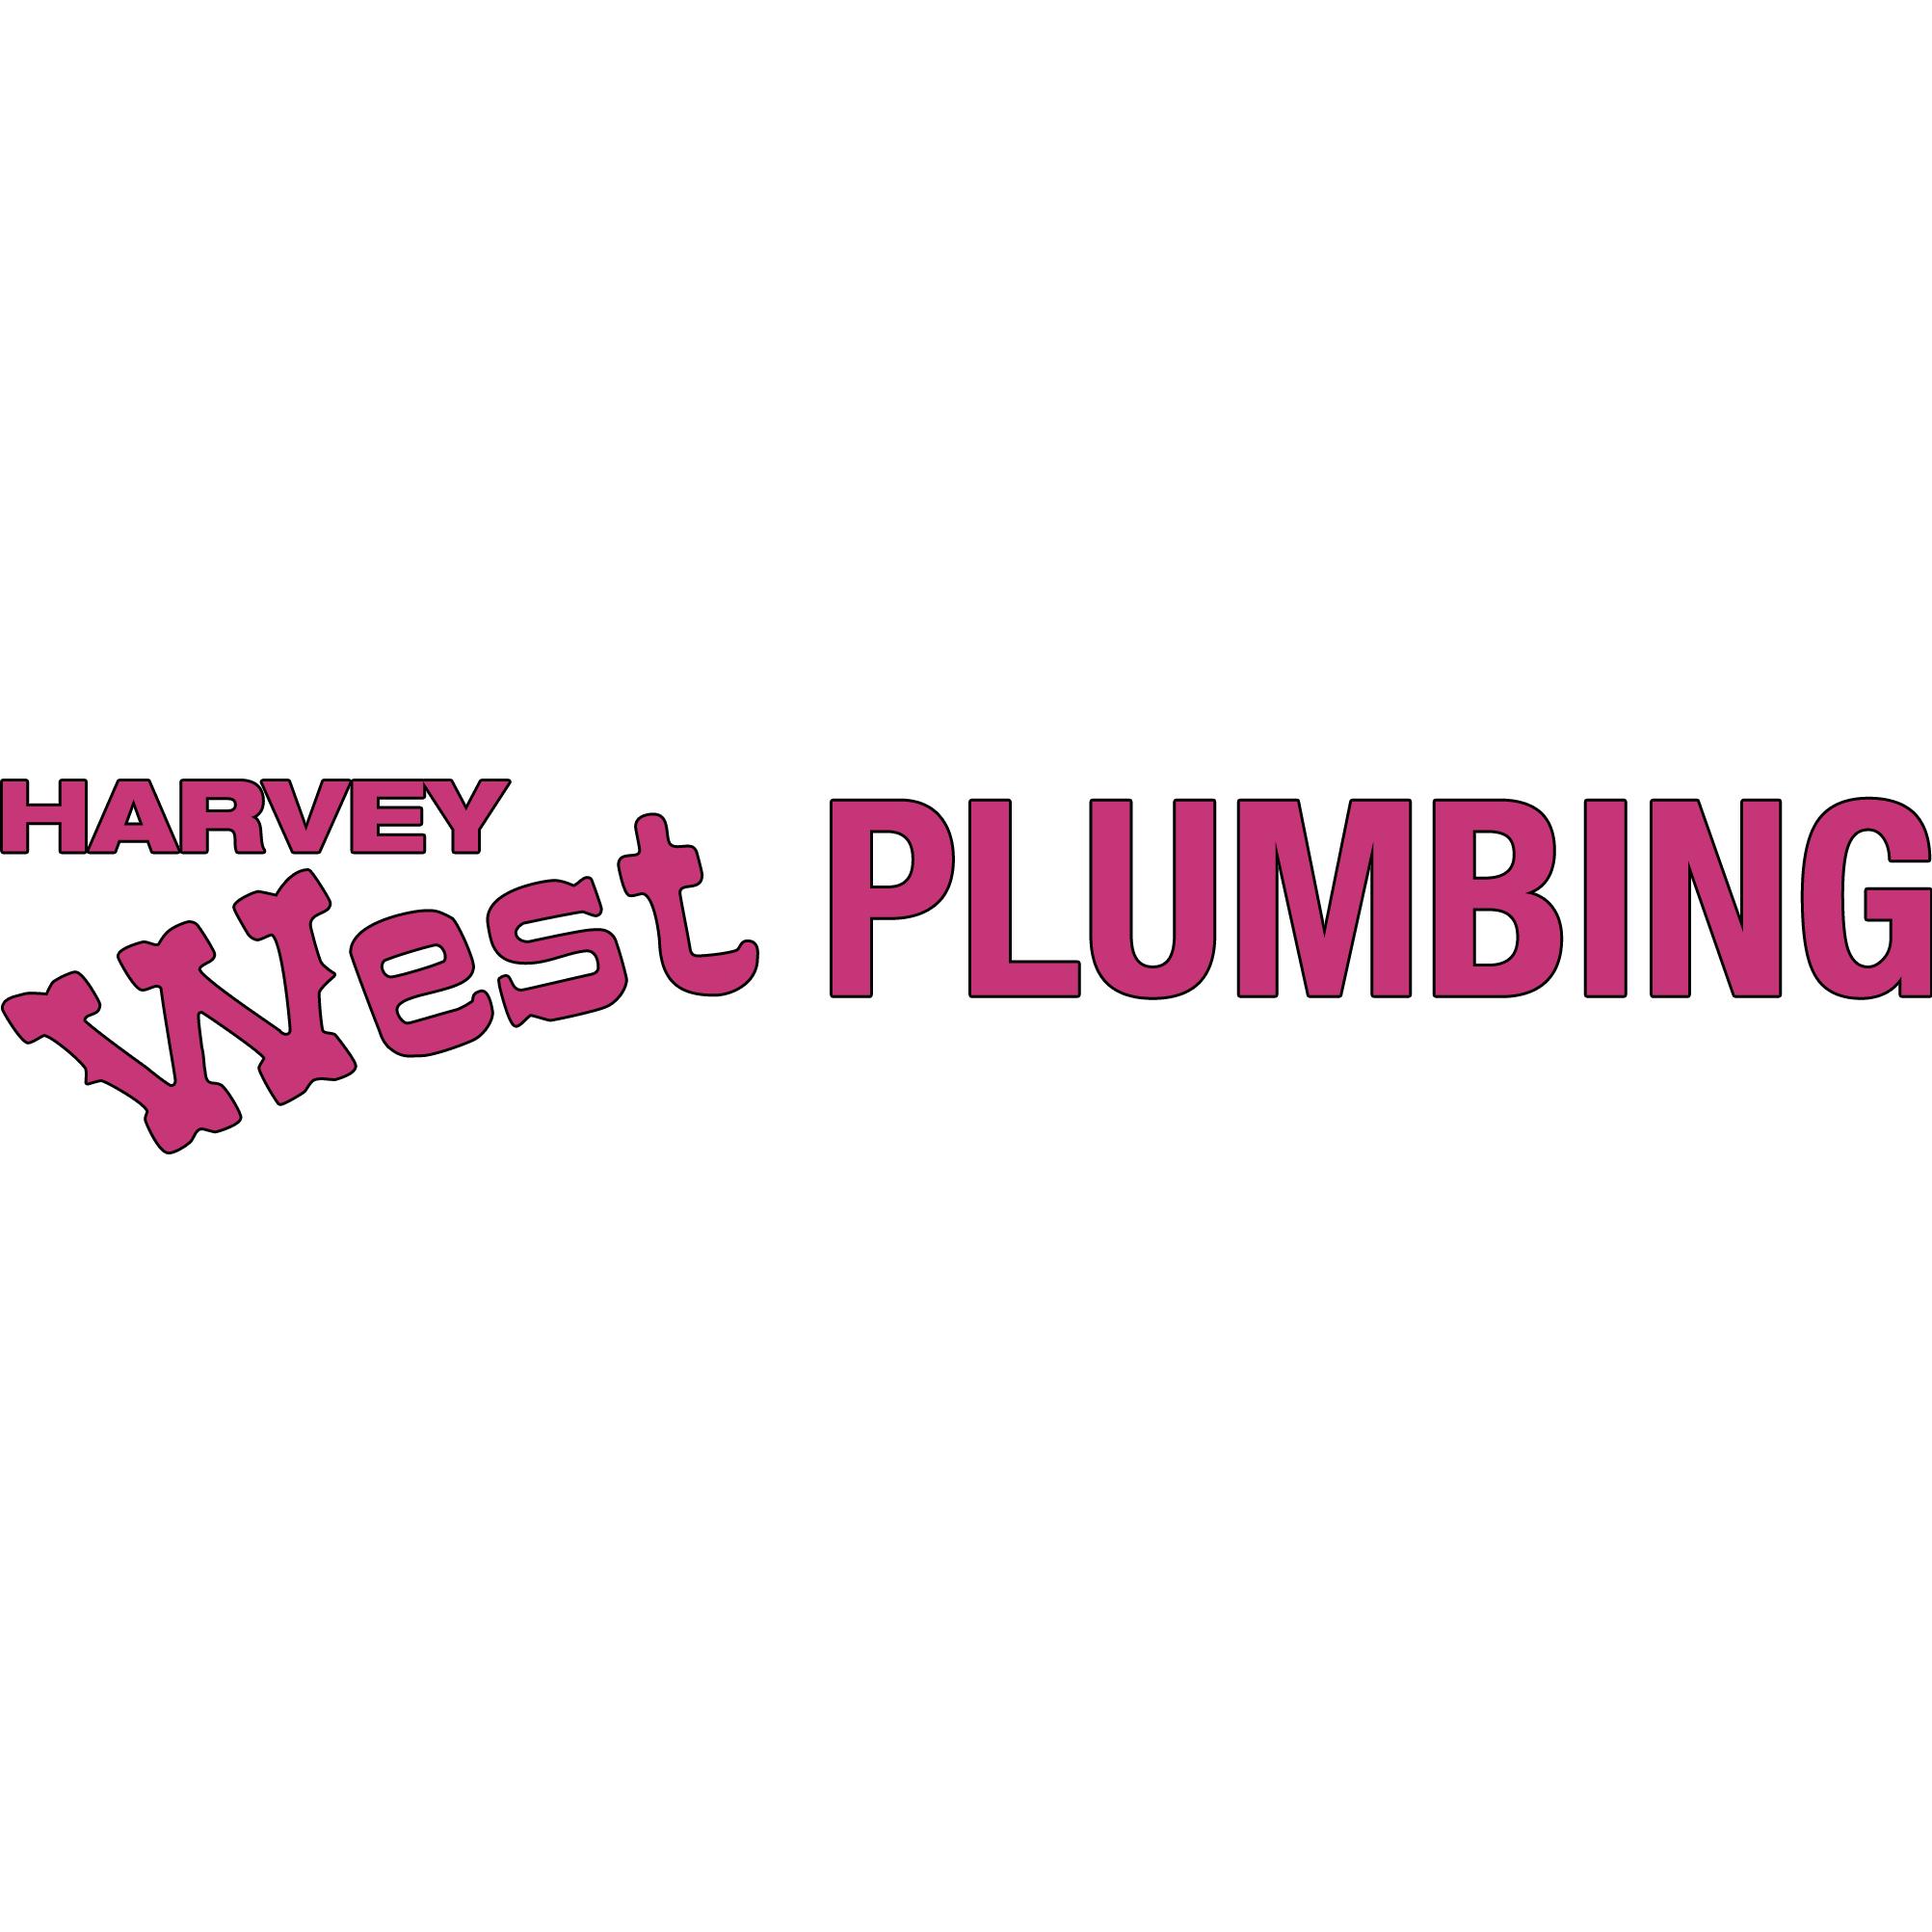 Harvey West Plumbing - Wylie, TX - Plumbers & Sewer Repair